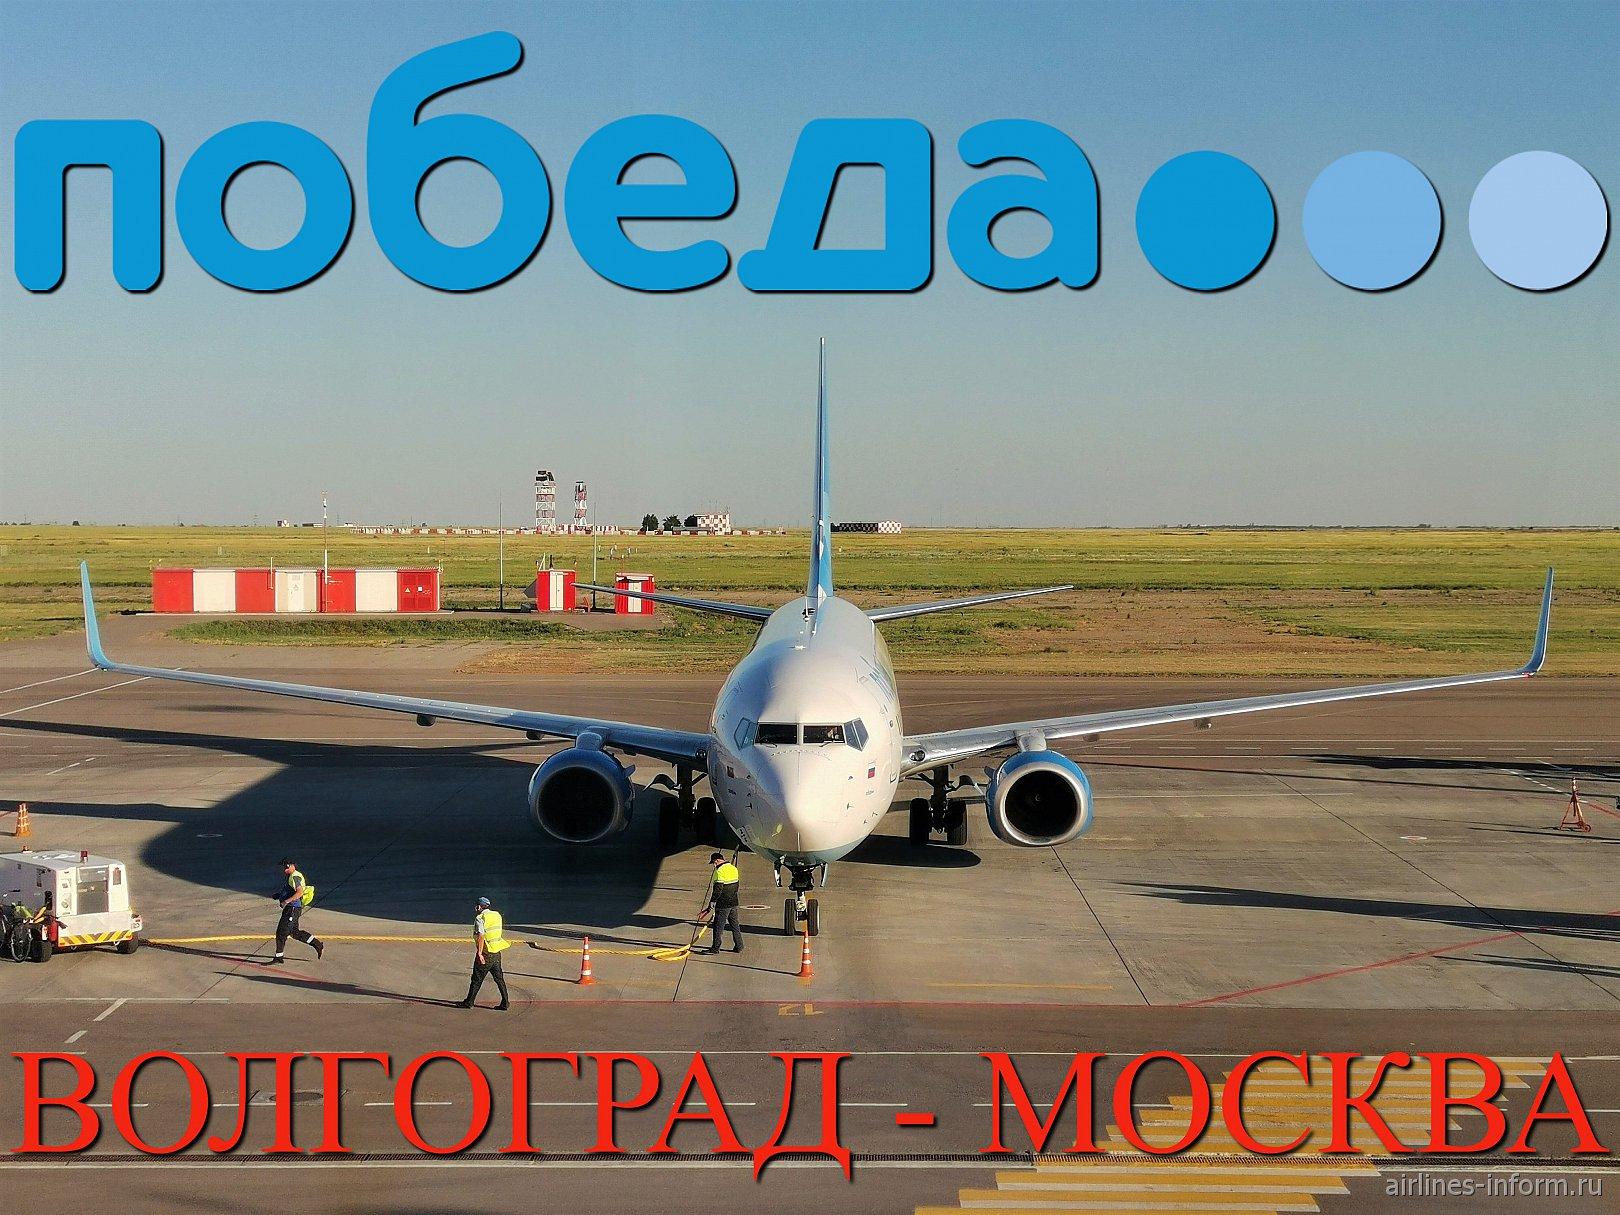 Победа: Волгоград - Москва